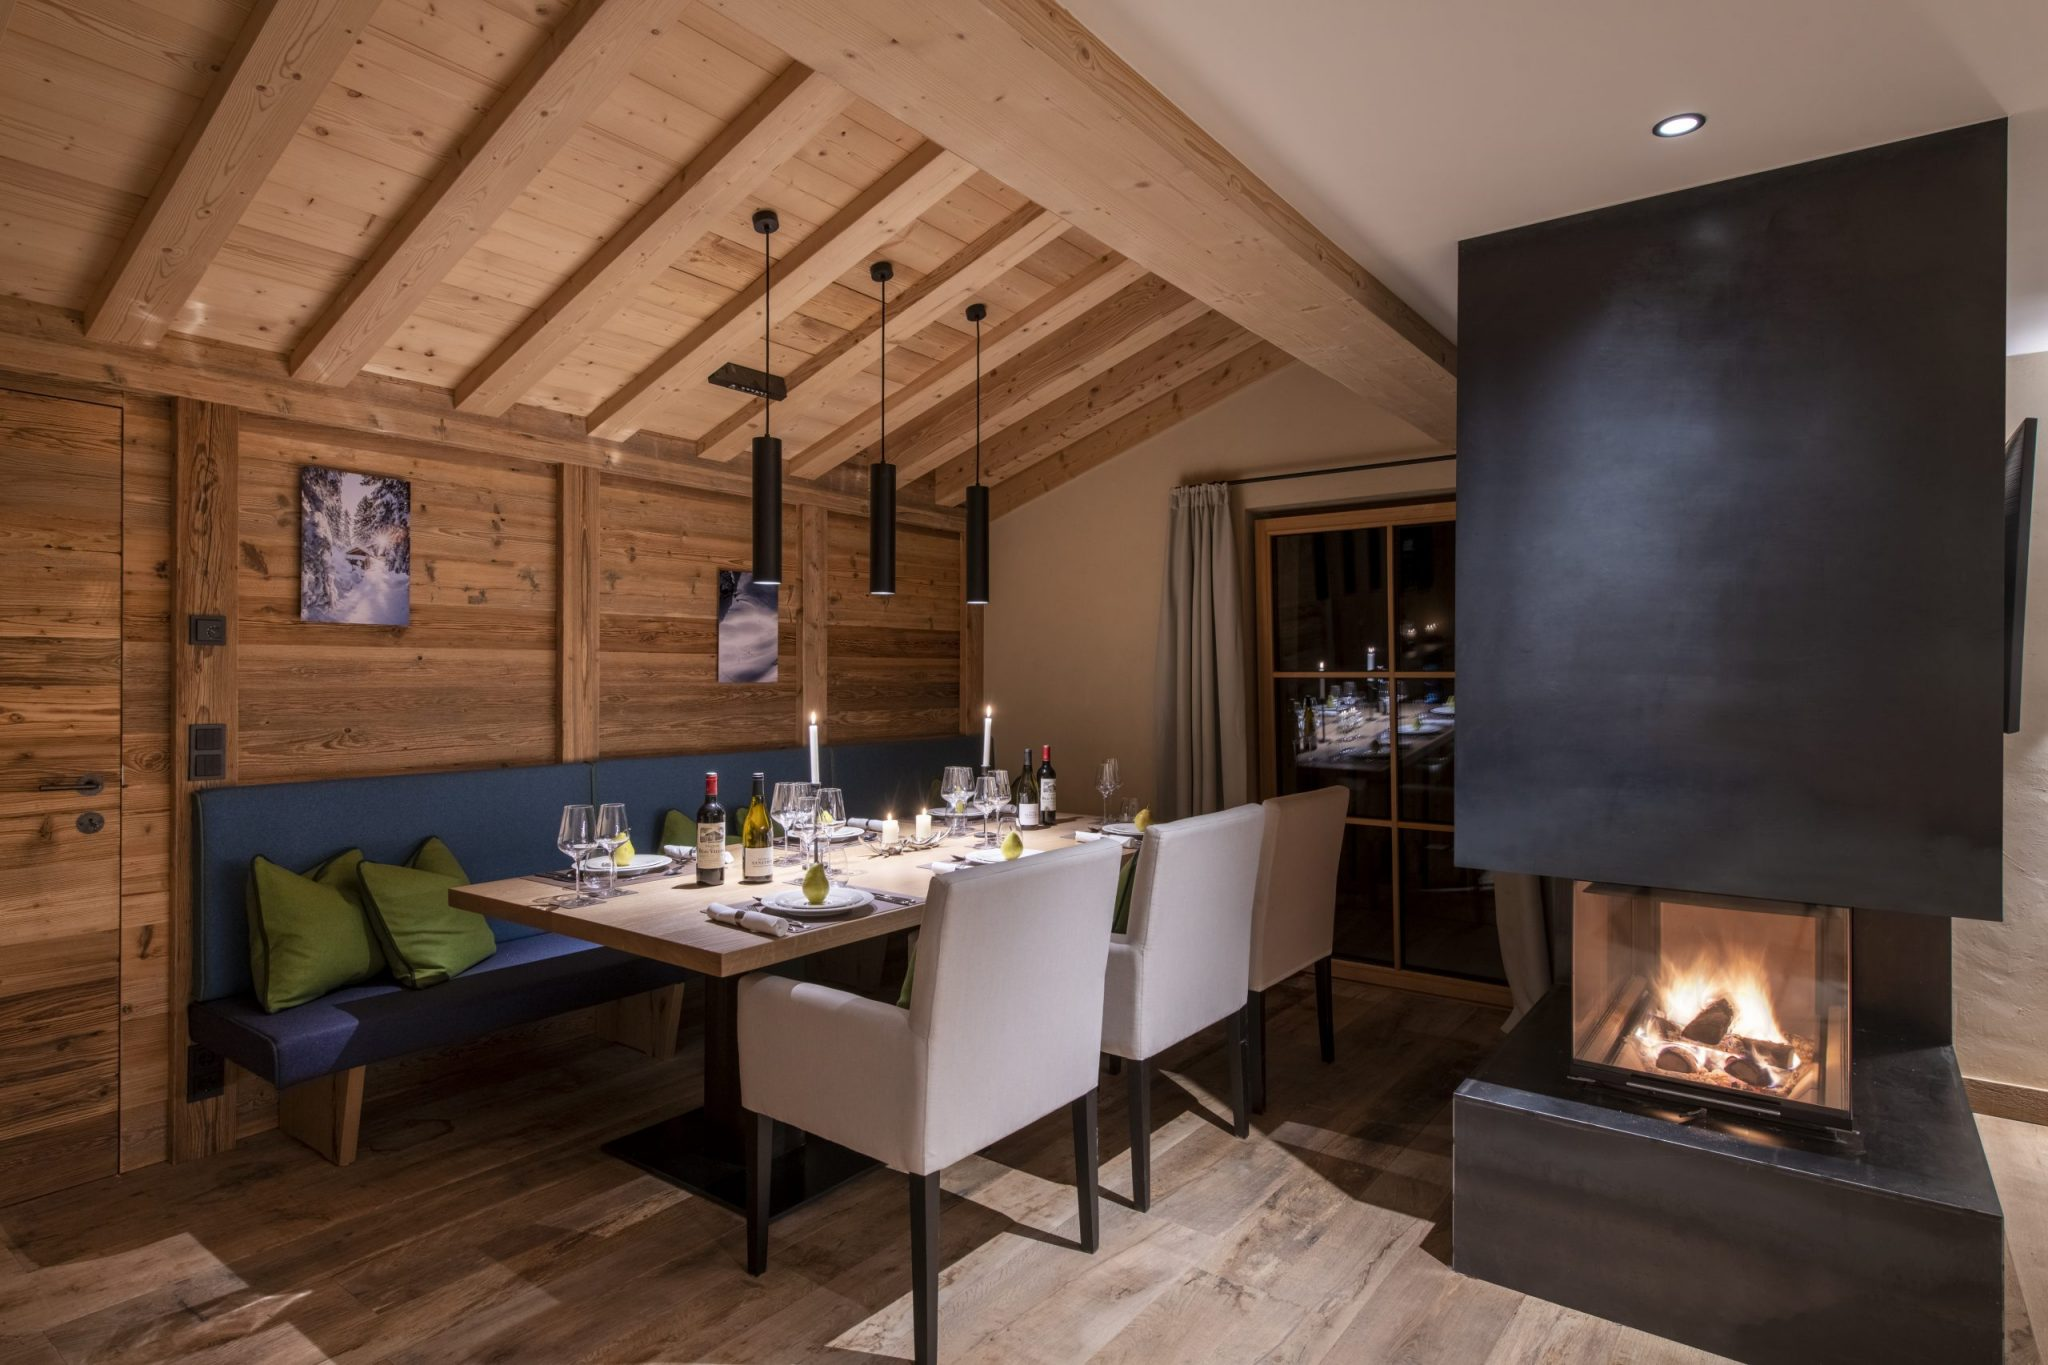 brunnenhof-13-12453-scaled